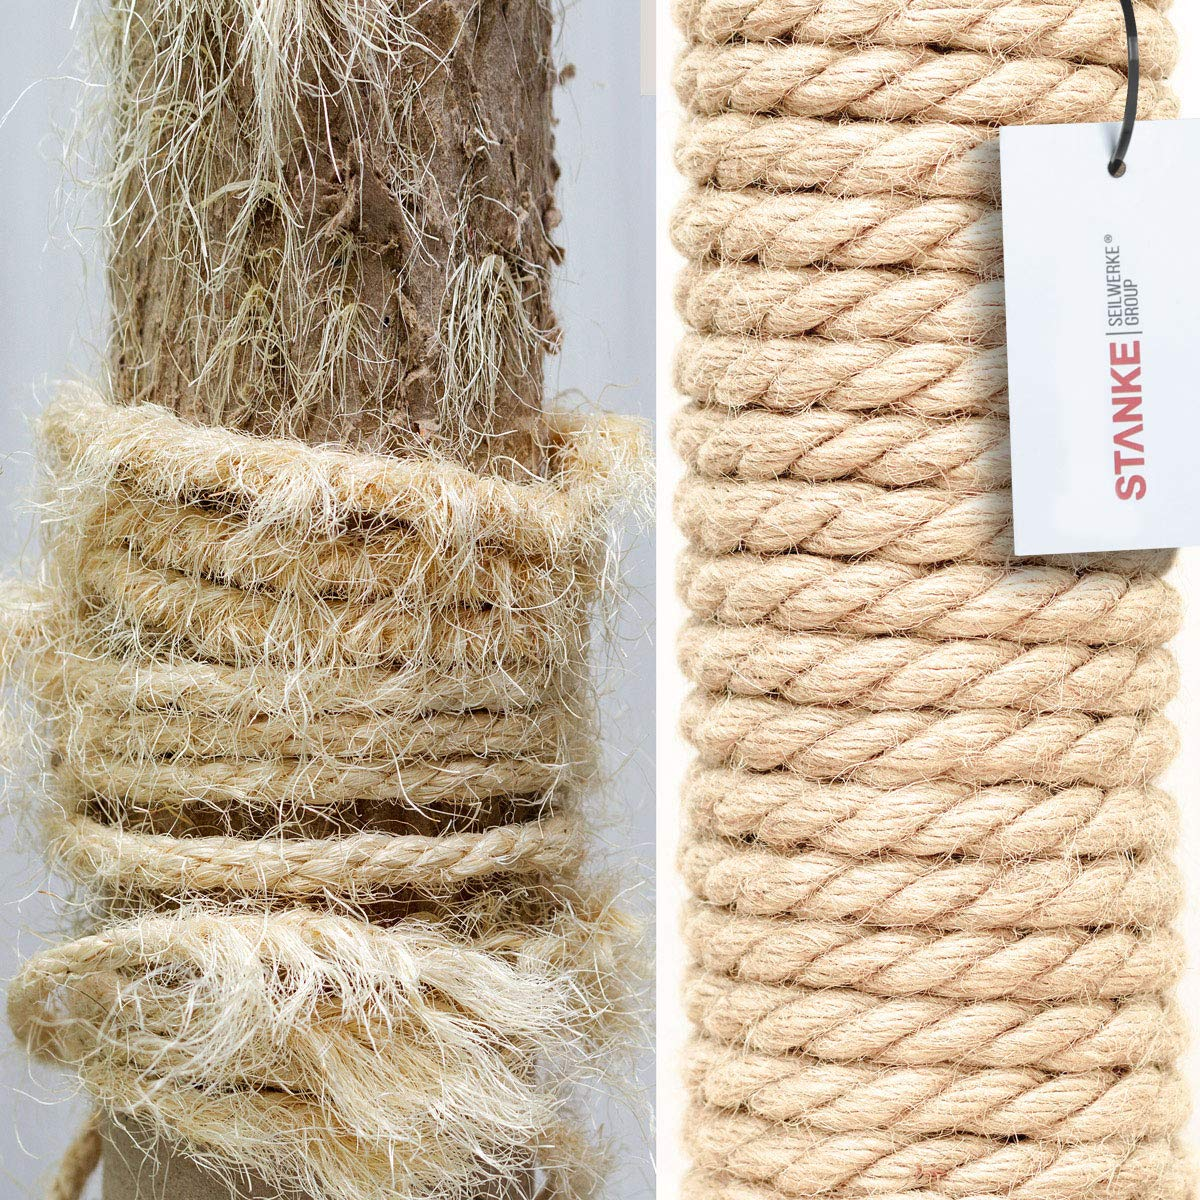 Seilwerk STANKE Corde de sisal Torsad/ée 50 m 10 mm Fibress Naturelles Corde Naturelle Grattoir pour Chat